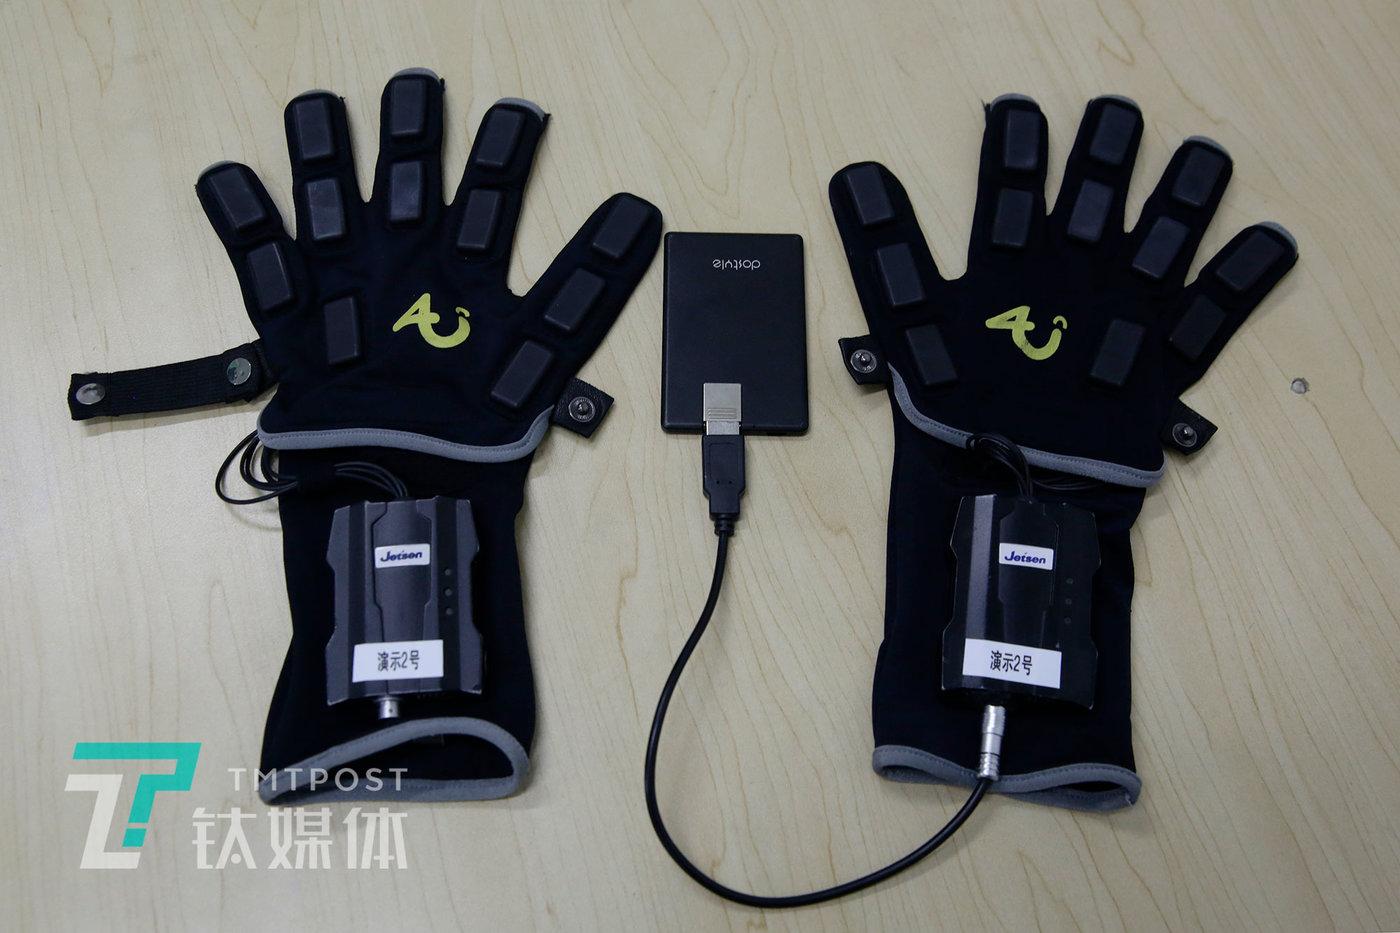 动捕手套。